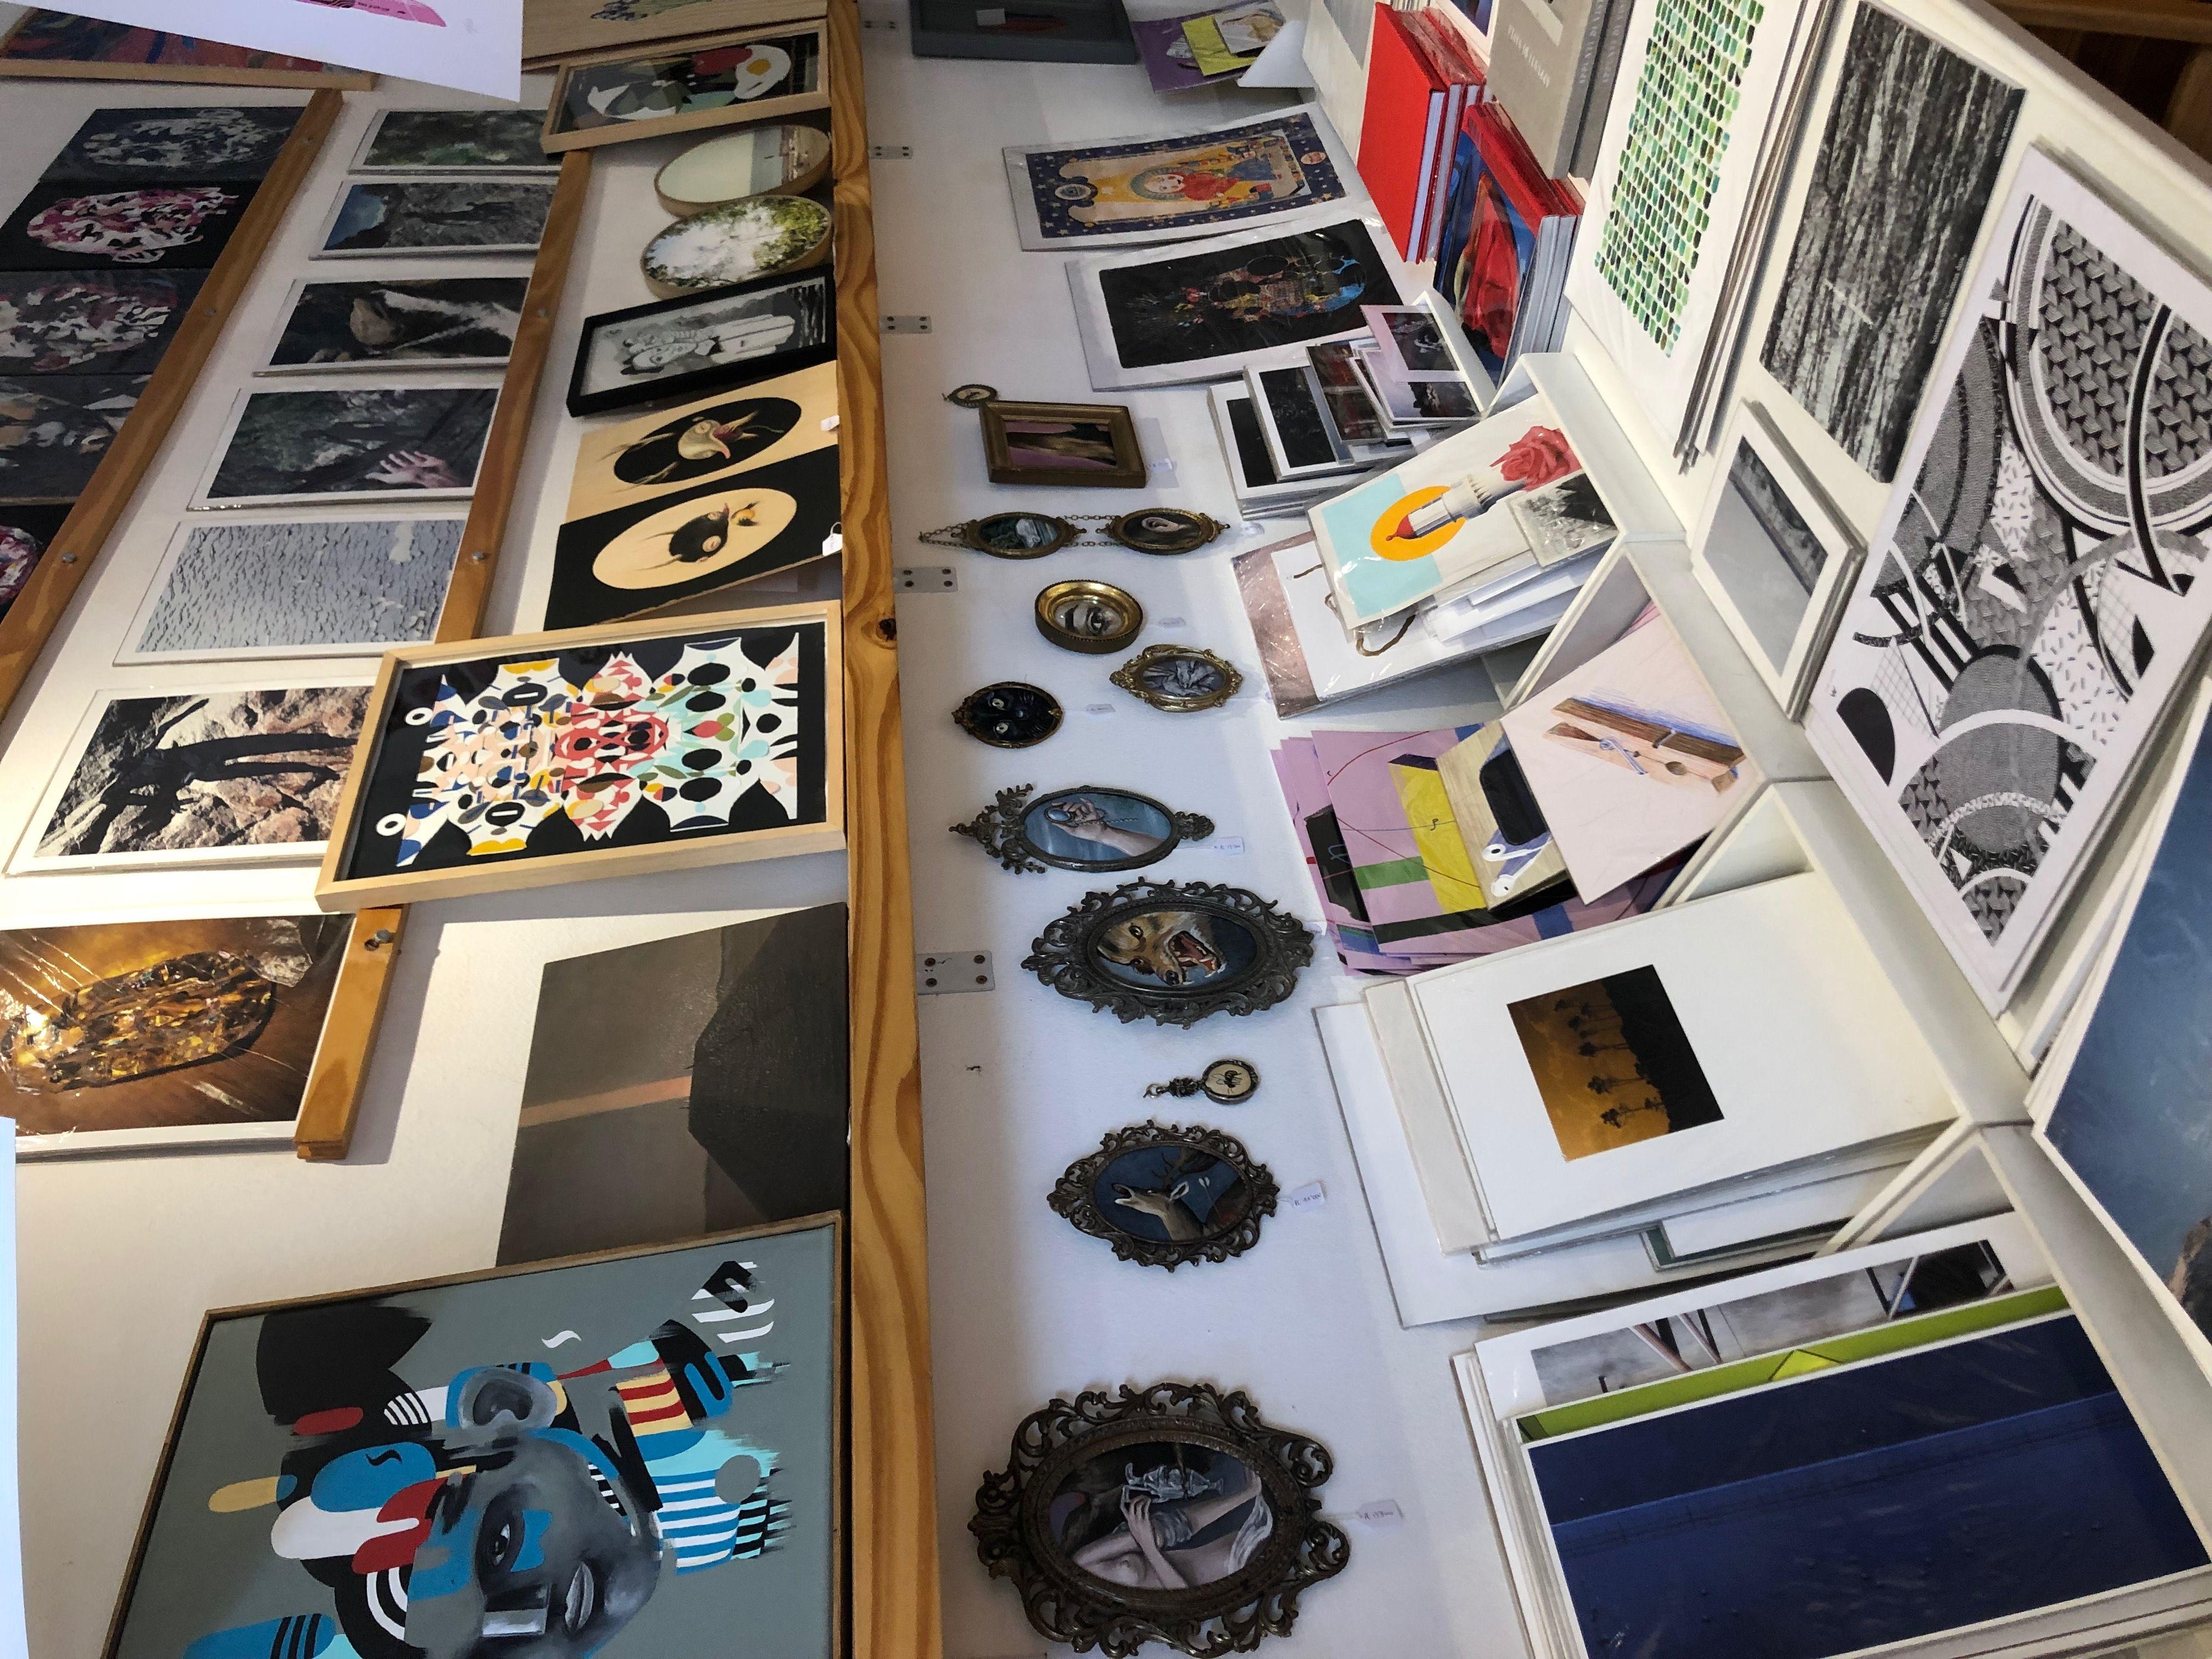 Tienda Quorum, la galería de arte que causa furor en San Telmo